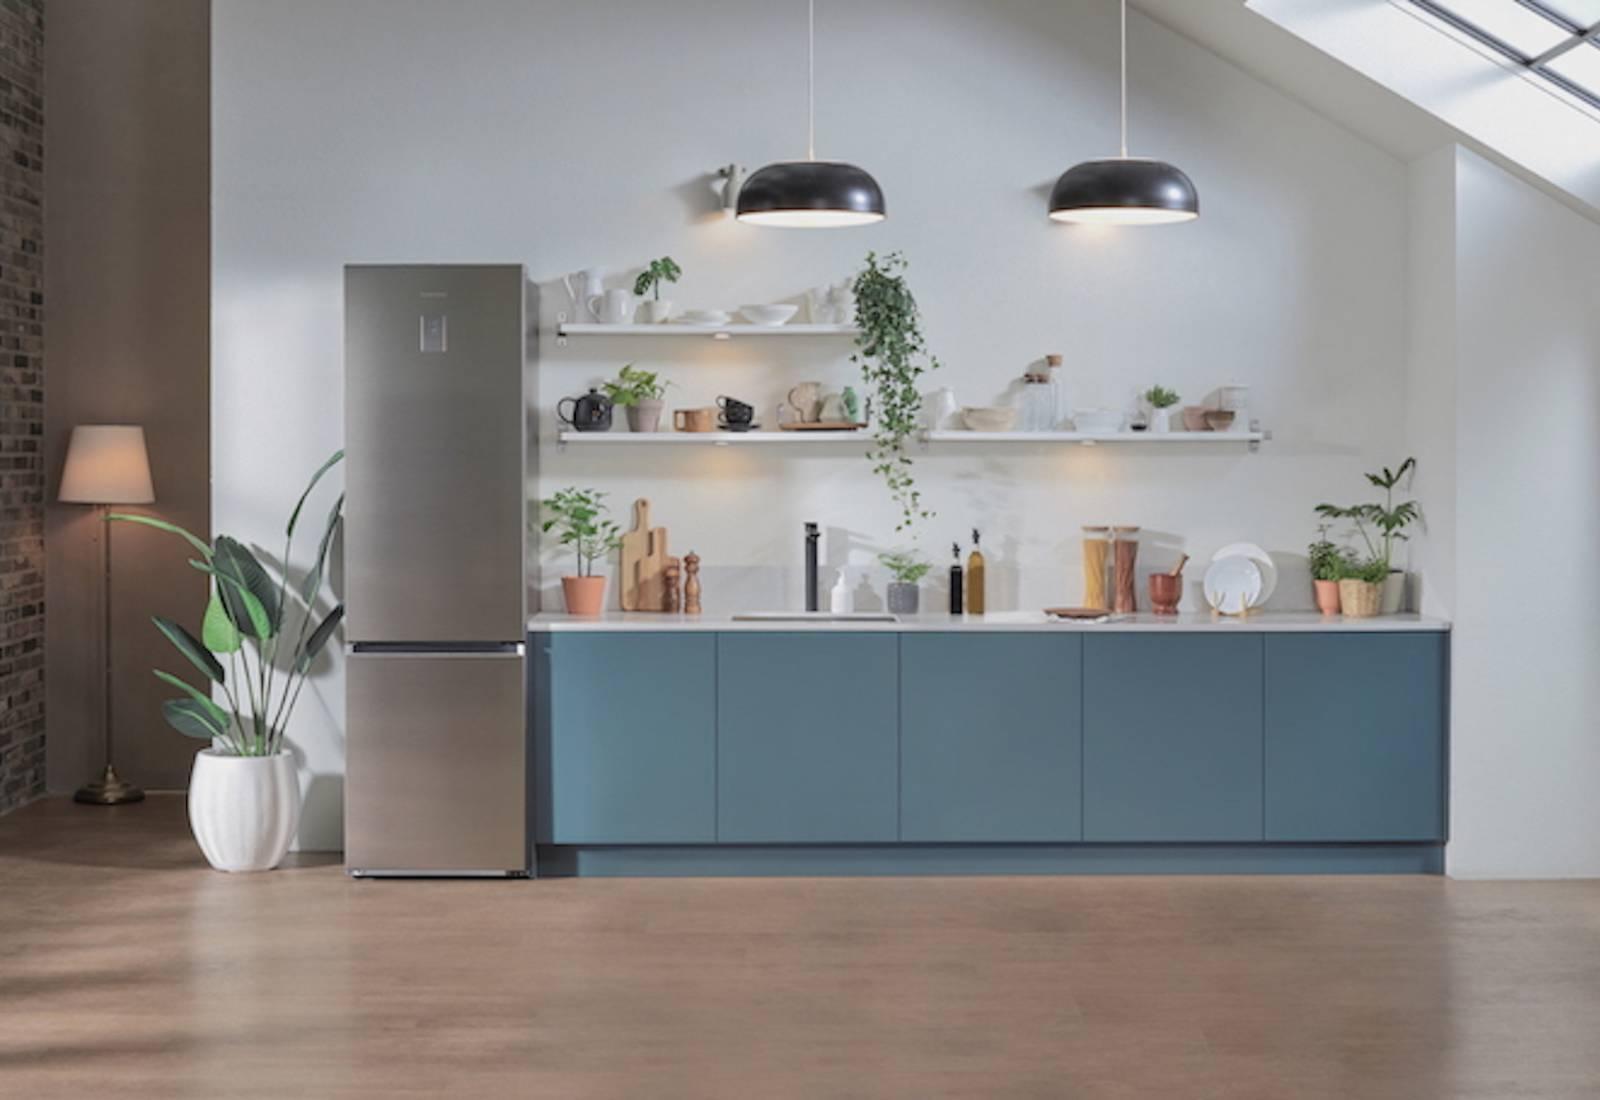 Immagine Samsung, i suoi frigoriferi aumentano lo spazio interno ma non l